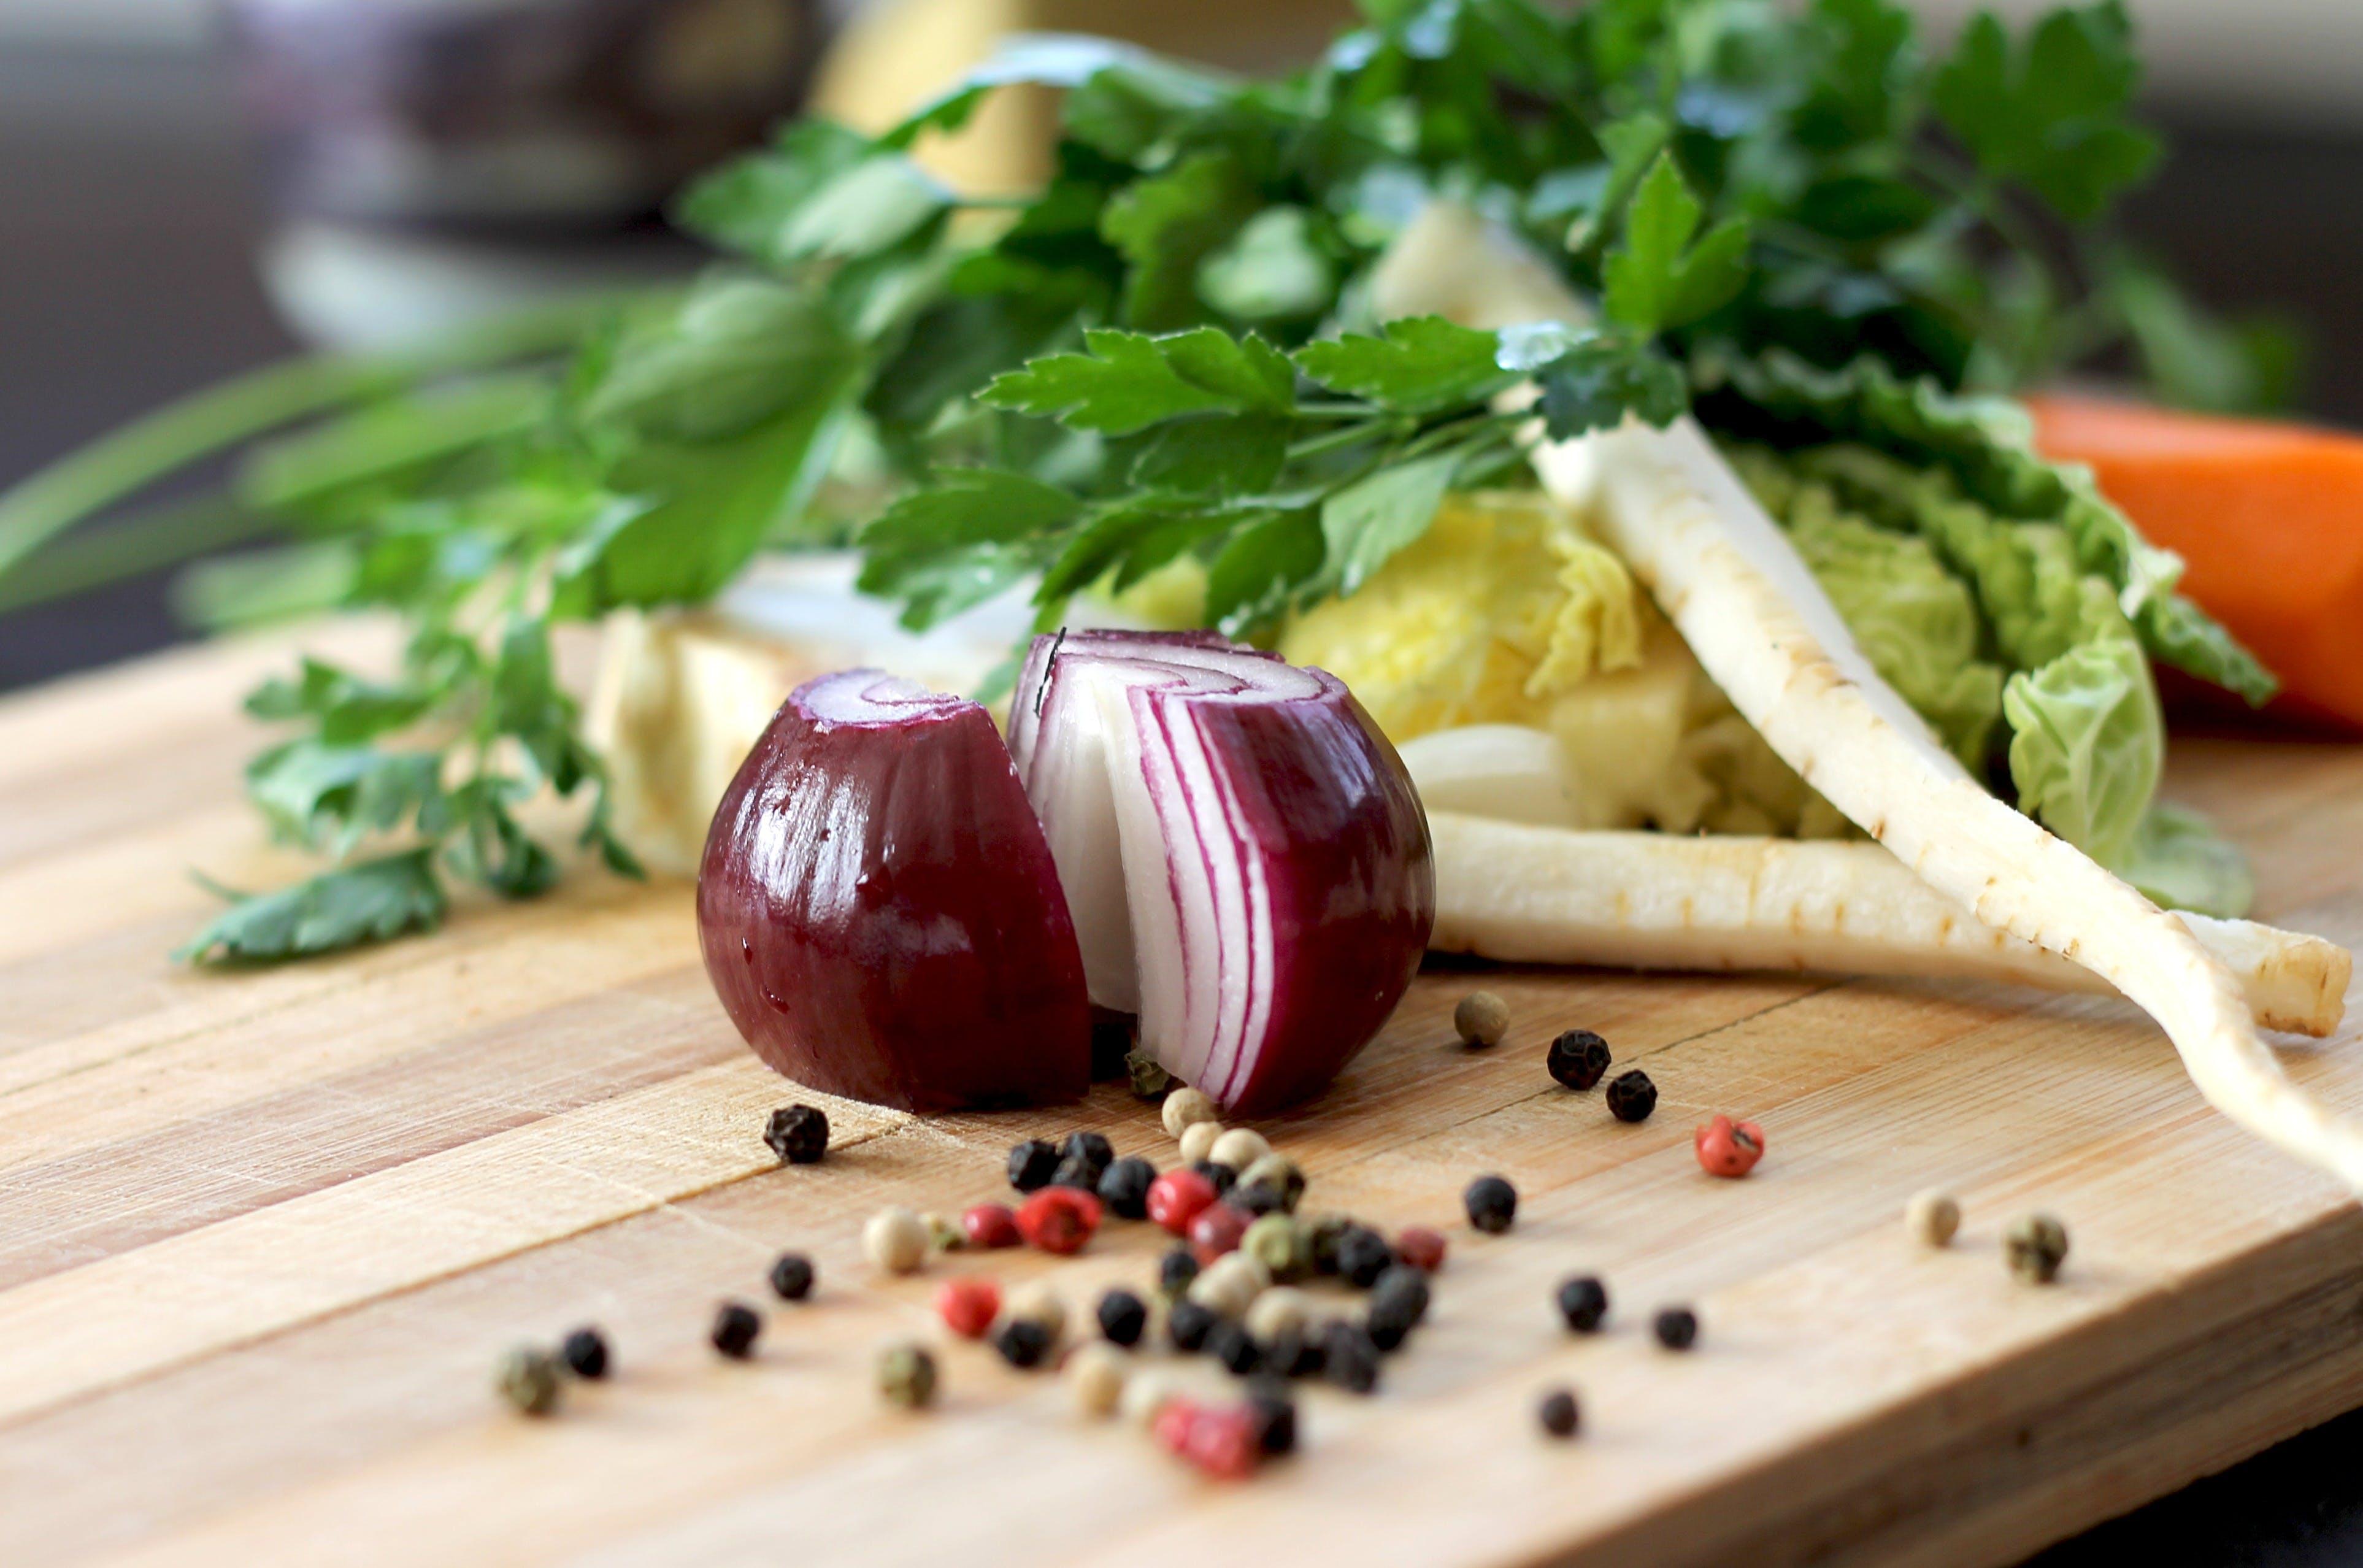 Безкоштовне стокове фото на тему «їжа, інгредієнт, їсти, вегетаріанський»